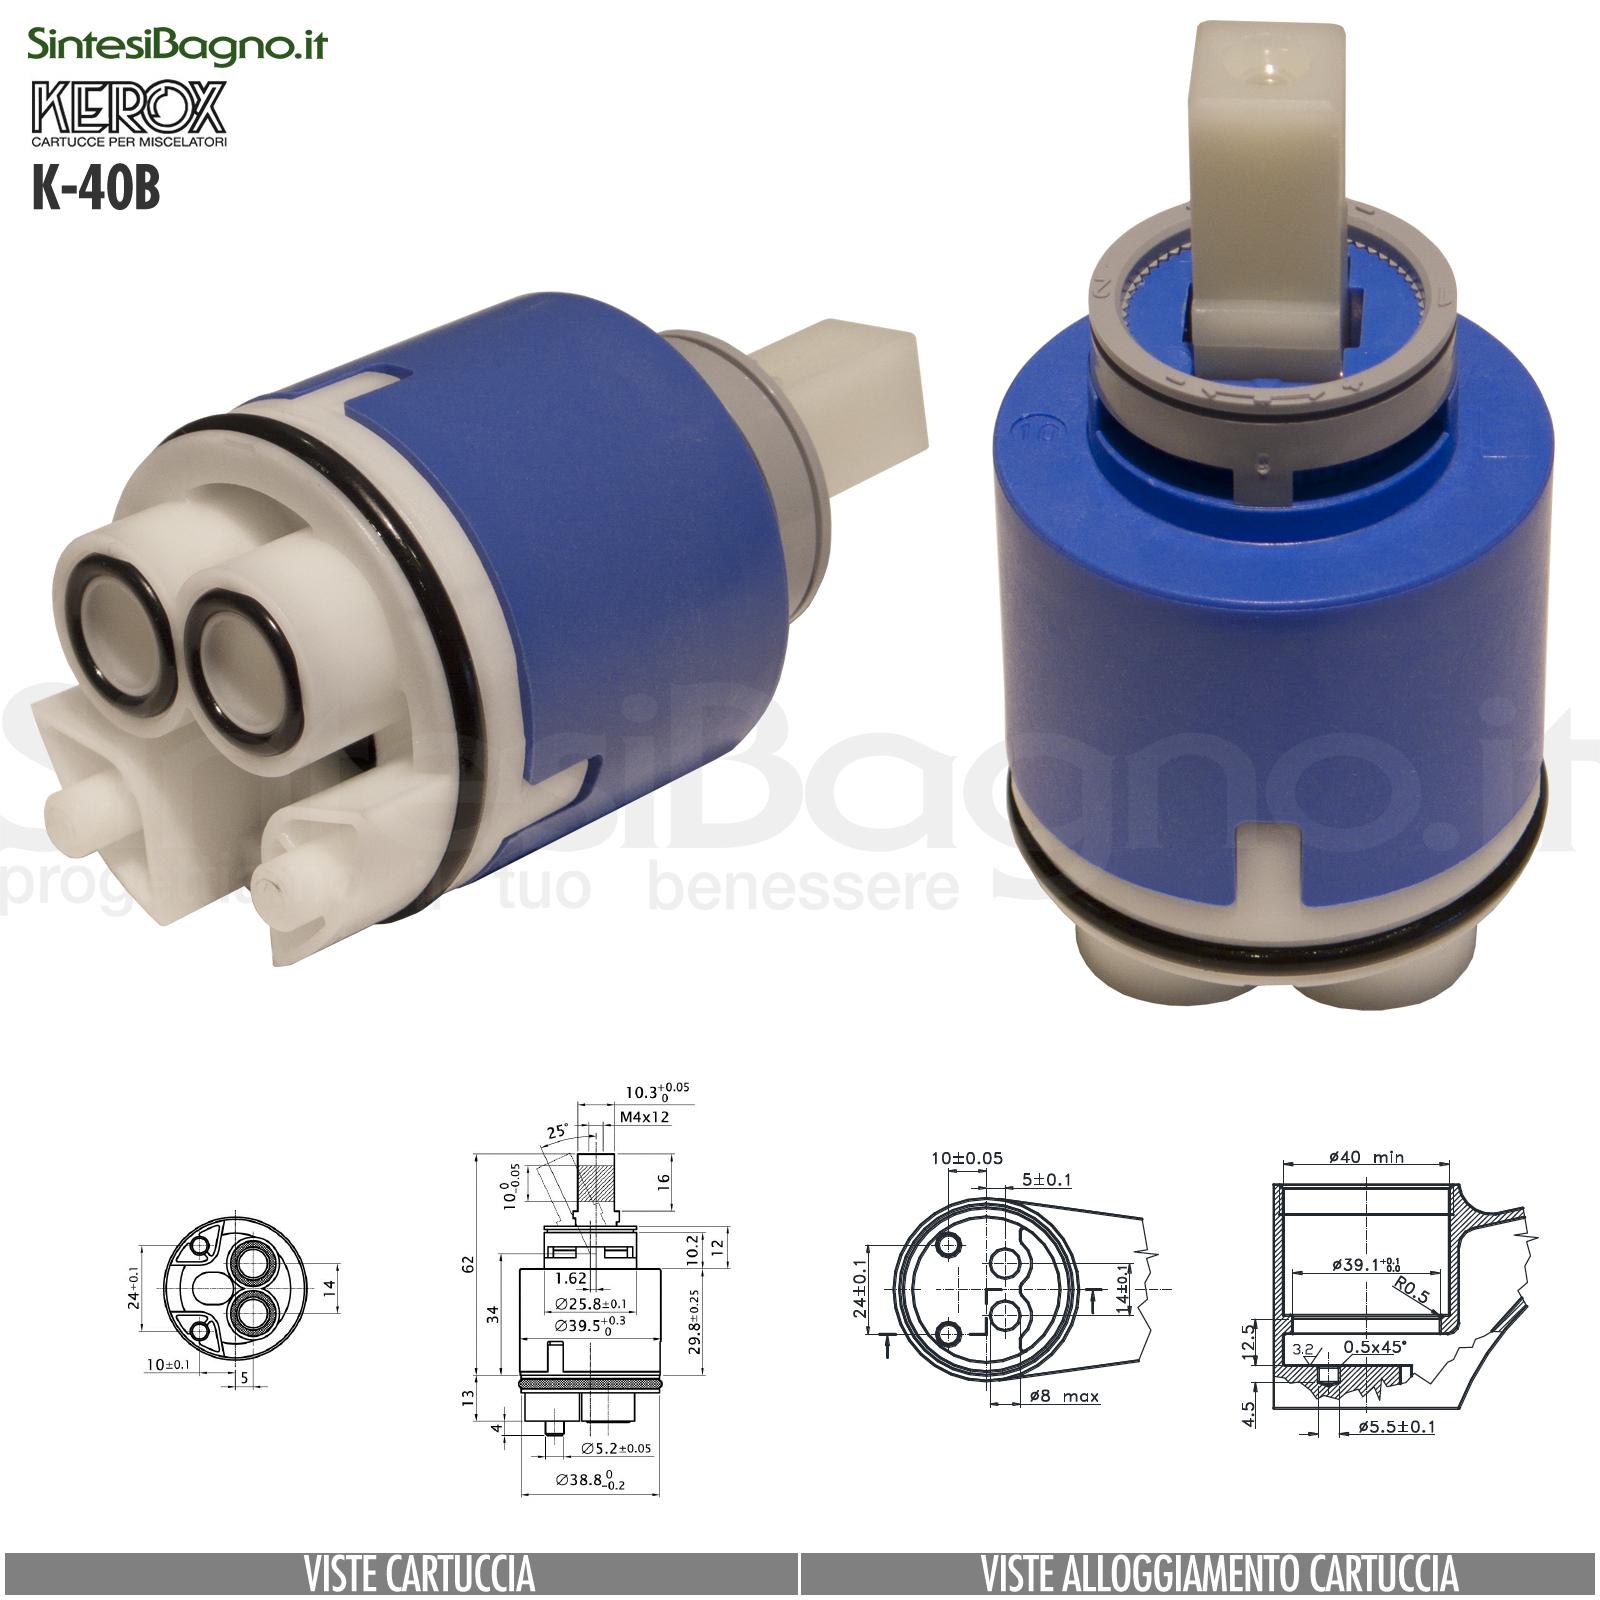 K40B-cartuccia-di-ricambio-KEROX-a-dischi-ceramici-per-miscelatore-monocomando-modello-K-40B